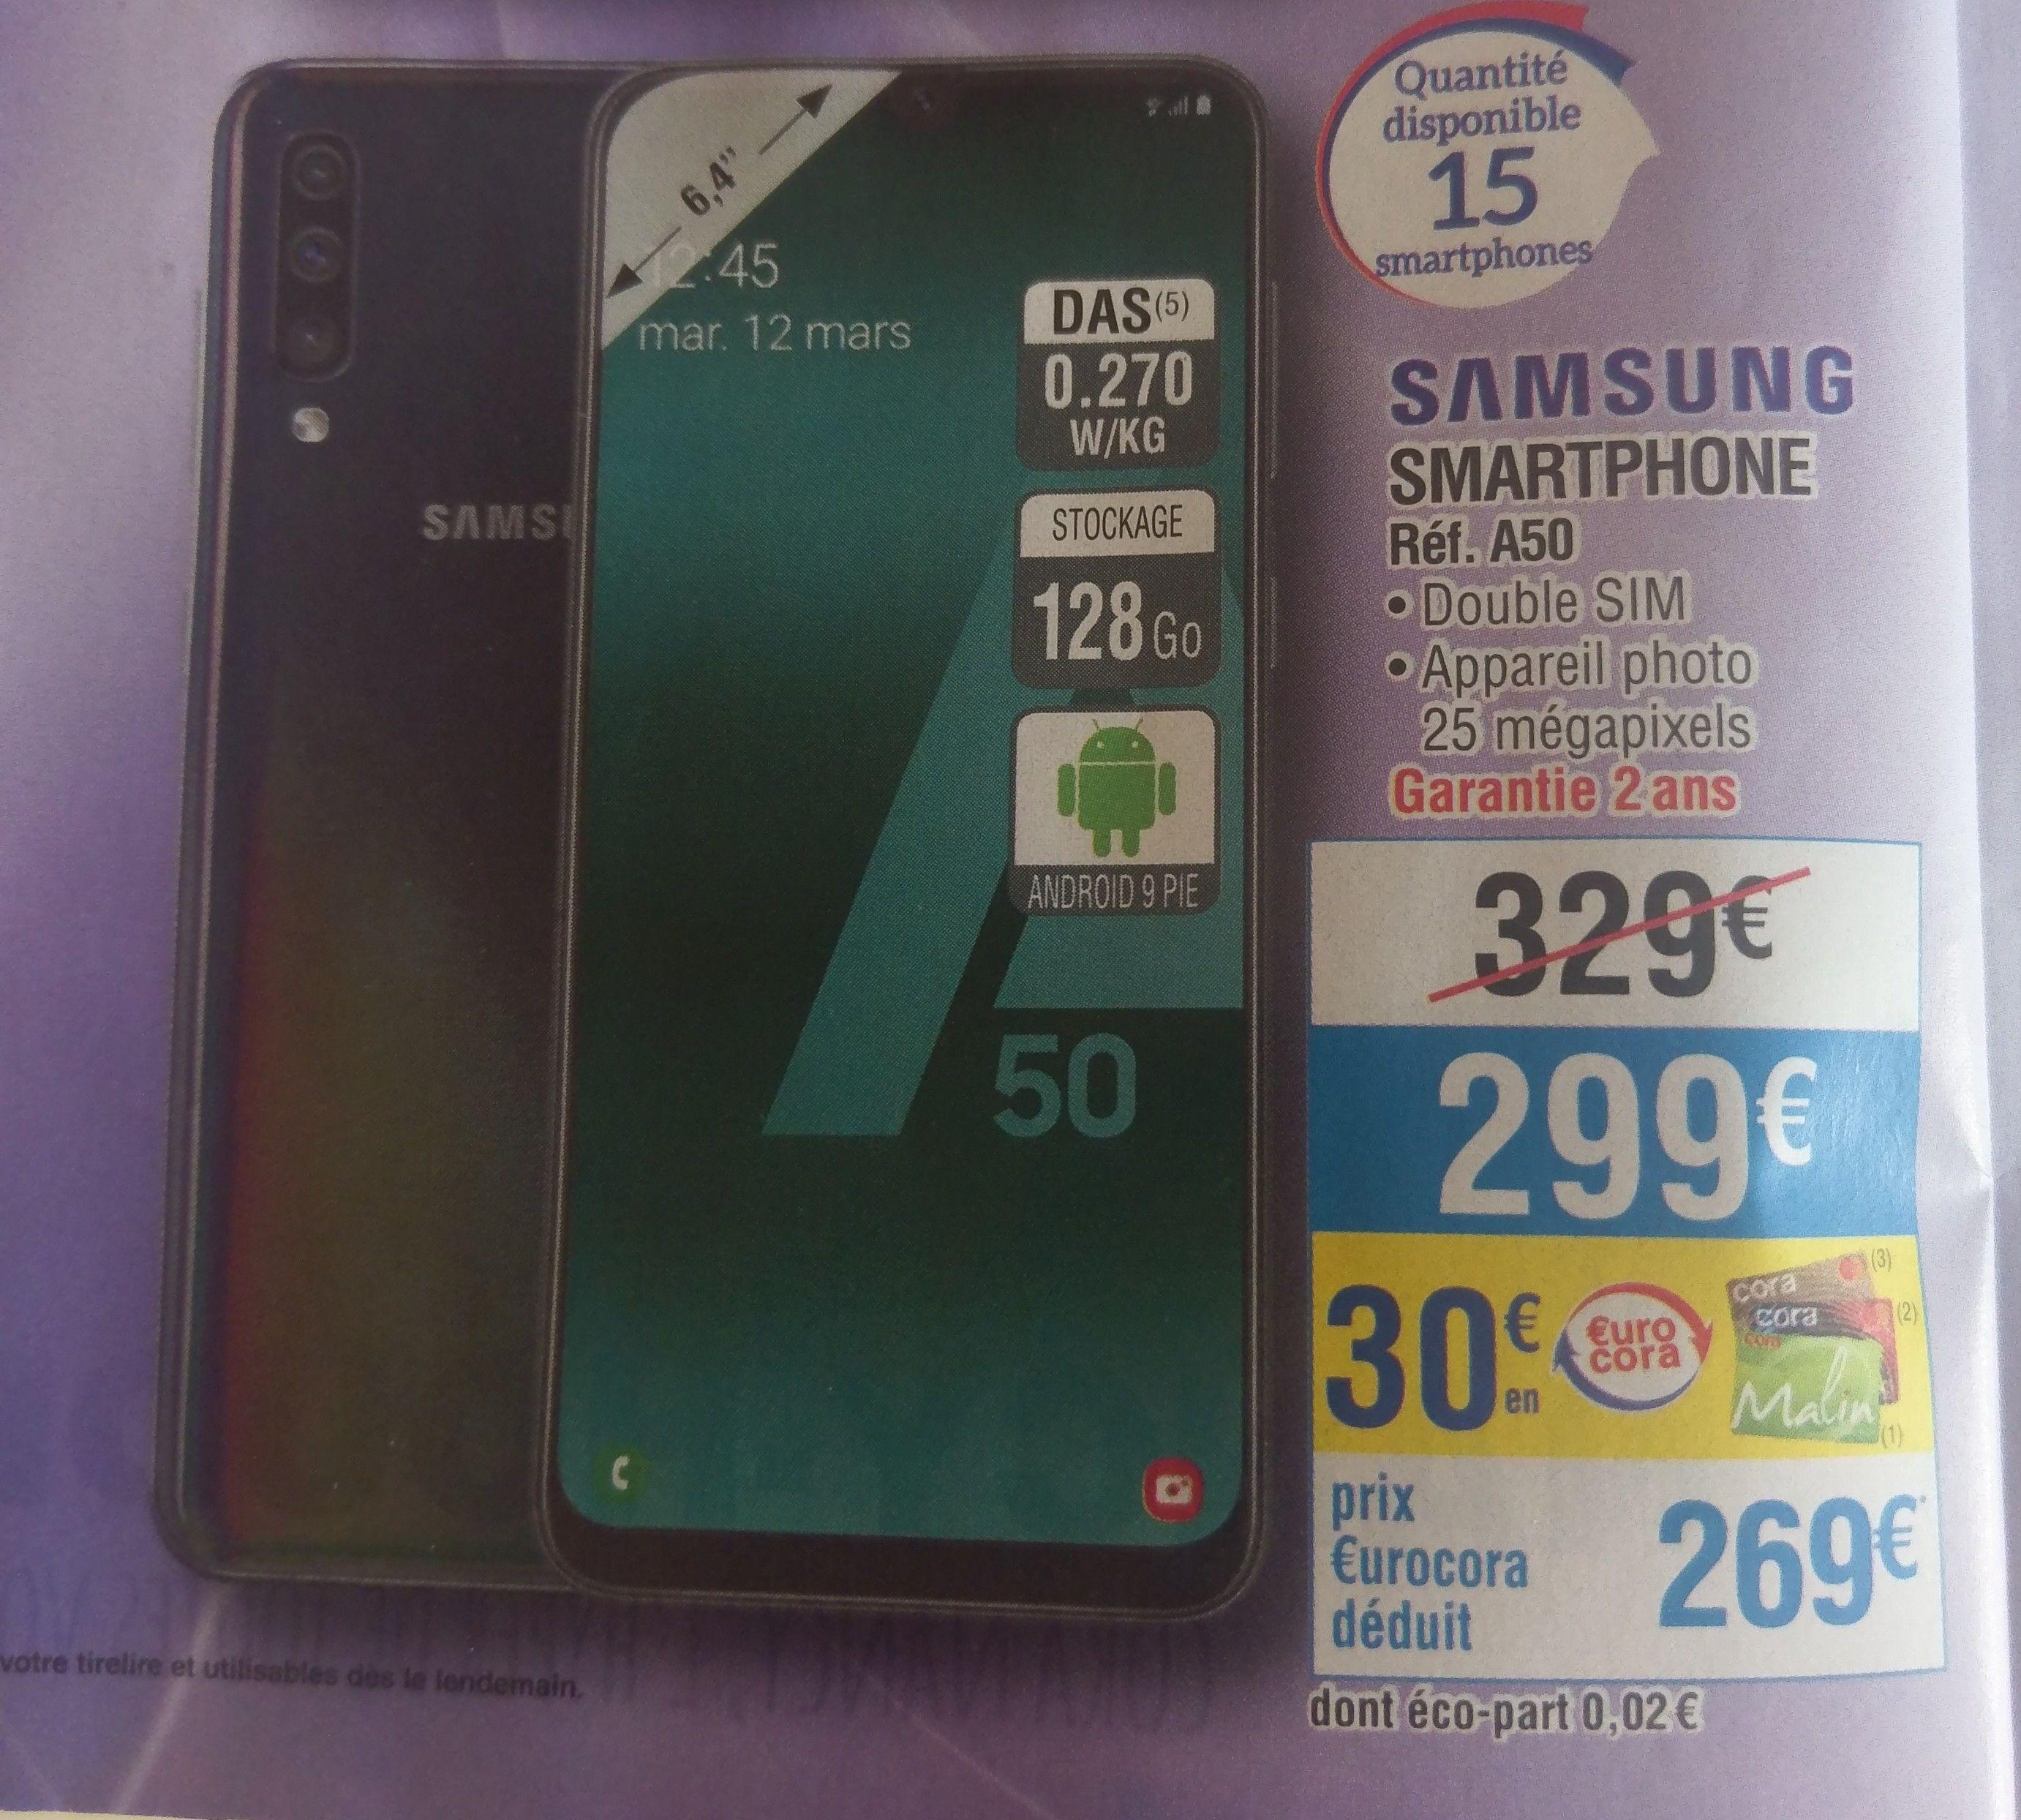 Smartphone Samsung Galaxy A50 - 128 Go - Houdemont (54)